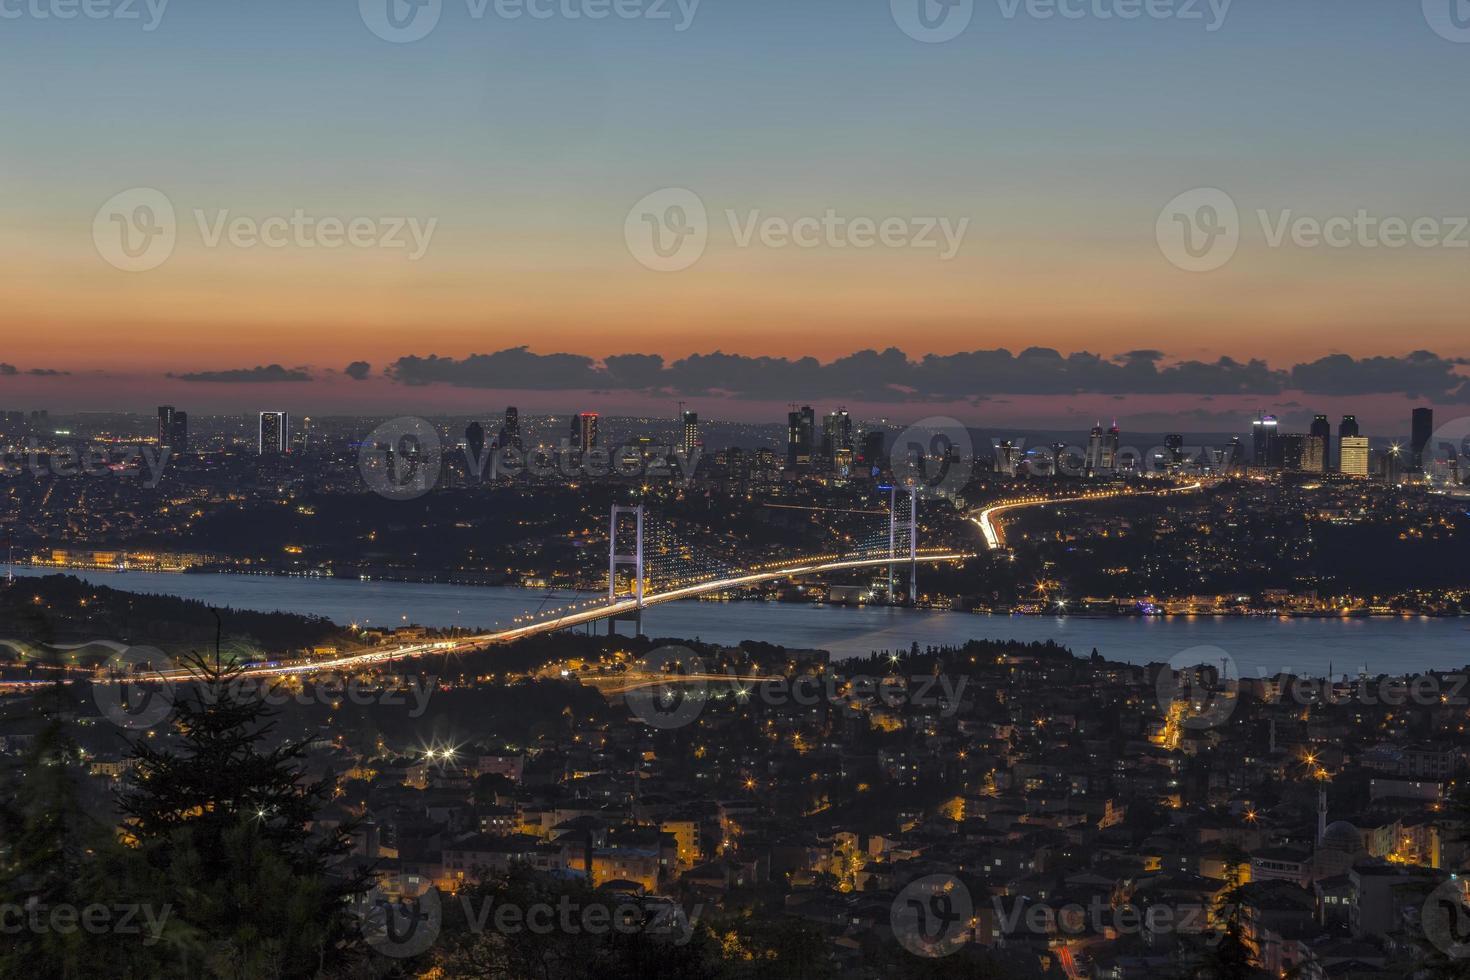 Bosporus-brug (Boğaziçi Köprüsü) foto